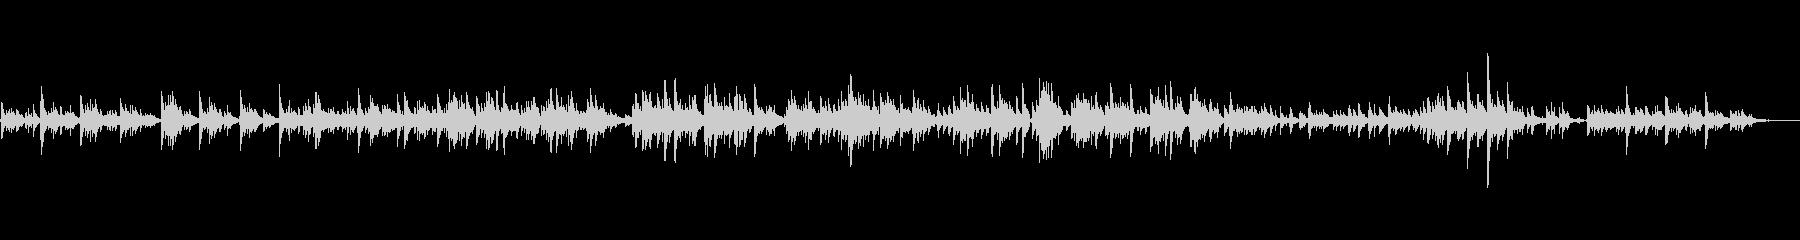 生ピアノソロ・しゃぼん玉ふわふわの未再生の波形